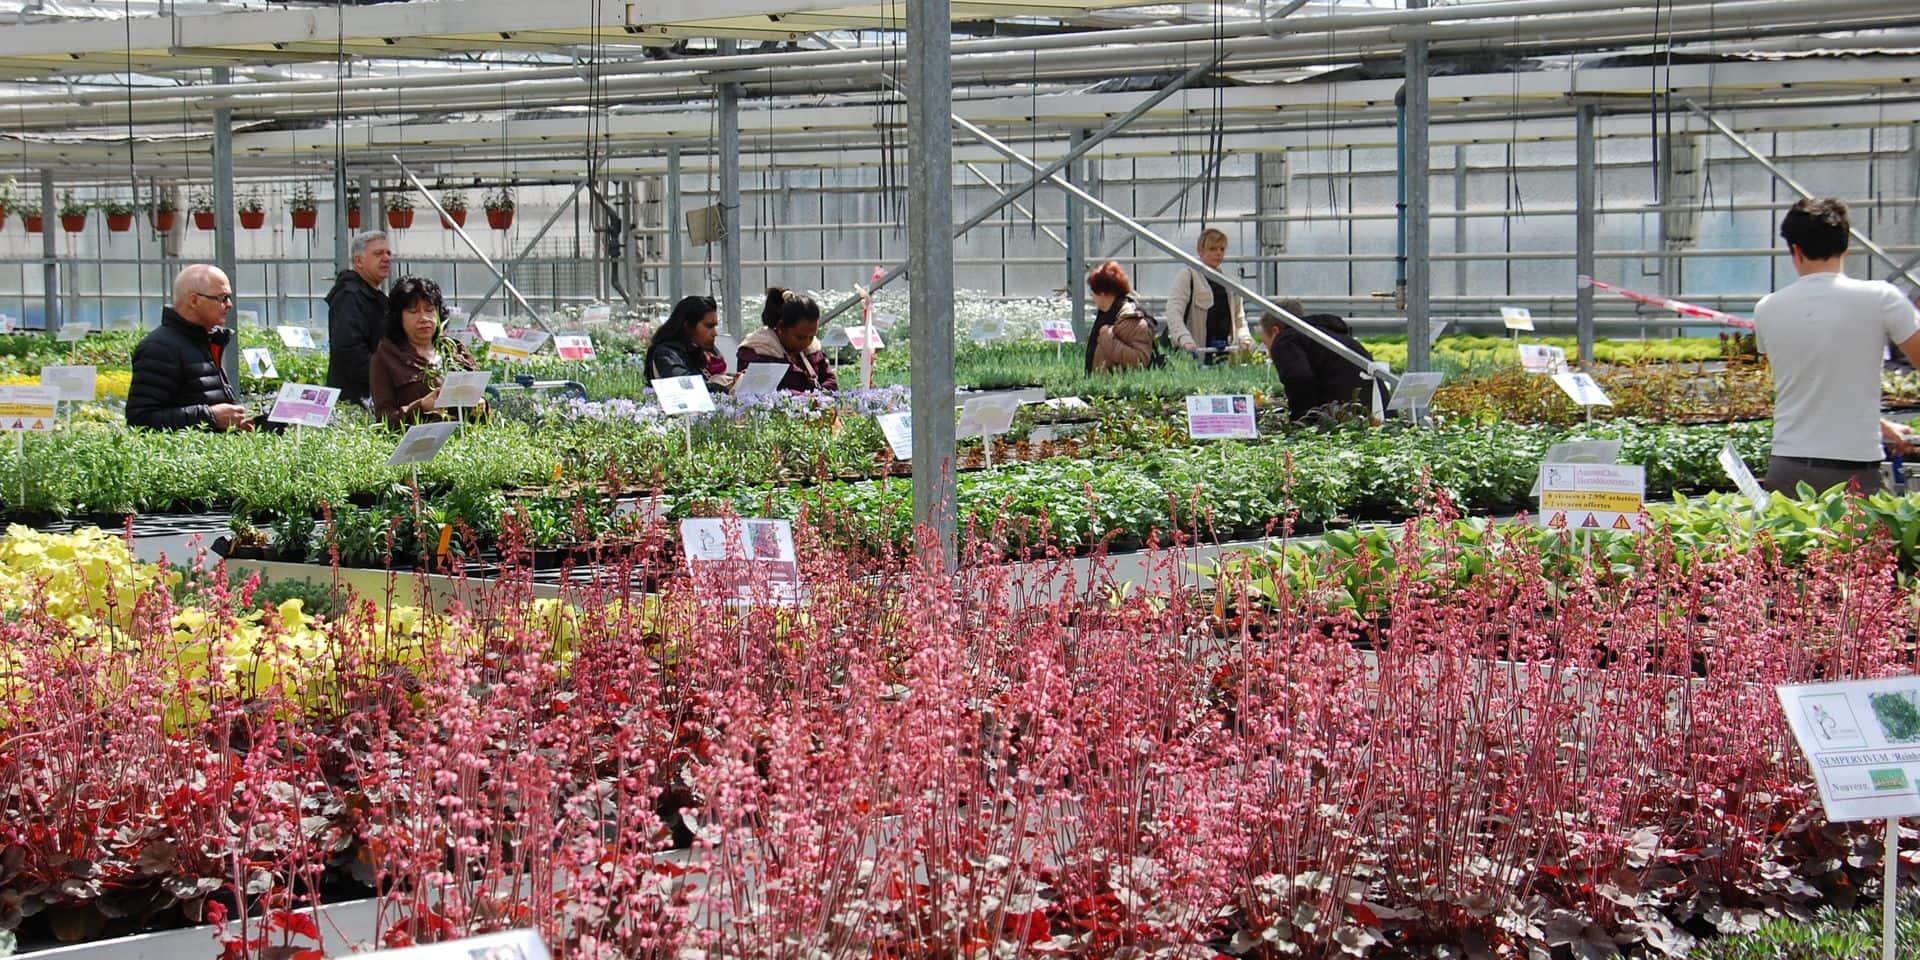 Venez à la rencontre de nos horticulteurs et pépiniéristes wallons